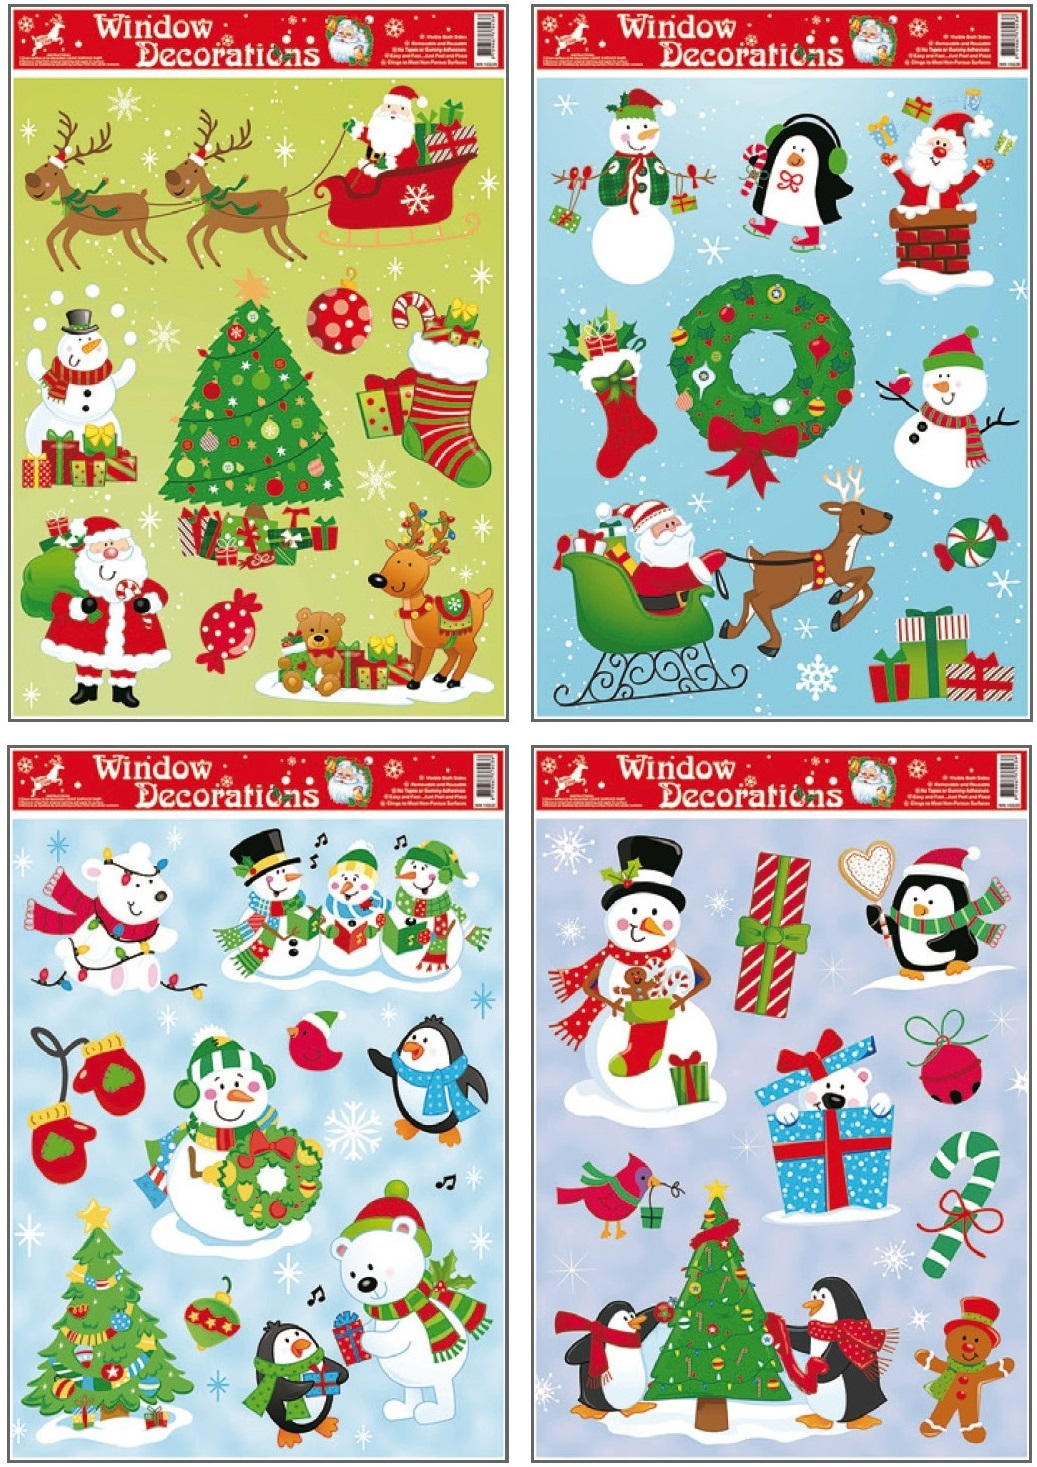 Fólie na okna vánoční, barevné archy s dětskými motivy 38x30cm (201)